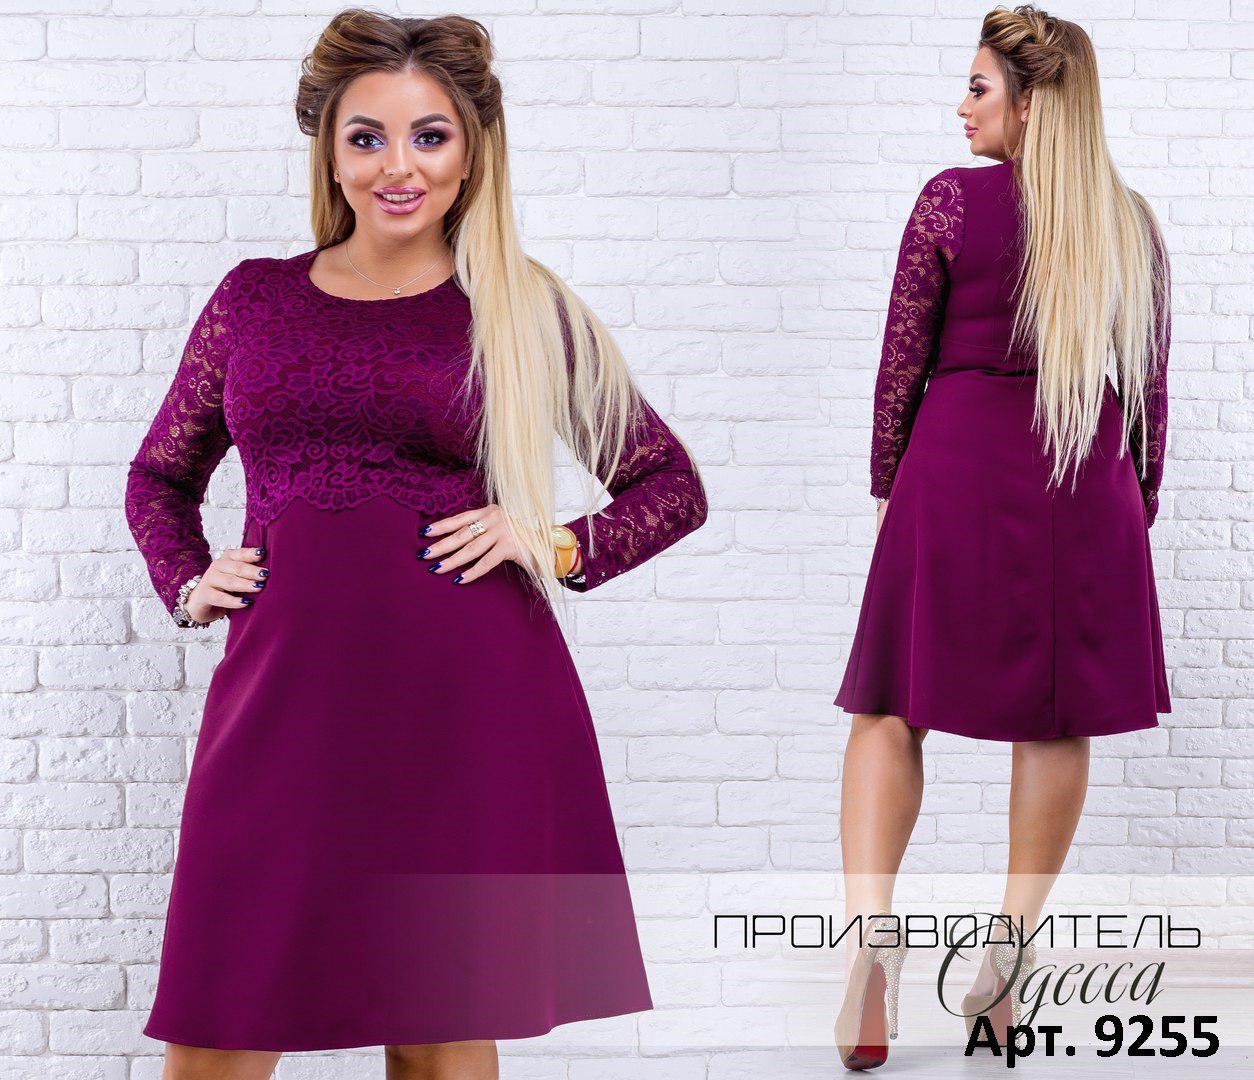 1ac3e7c009e Расклешенное короткое платье с гипюром Производитель Одесса р.48-54 -  Интернет-магазин